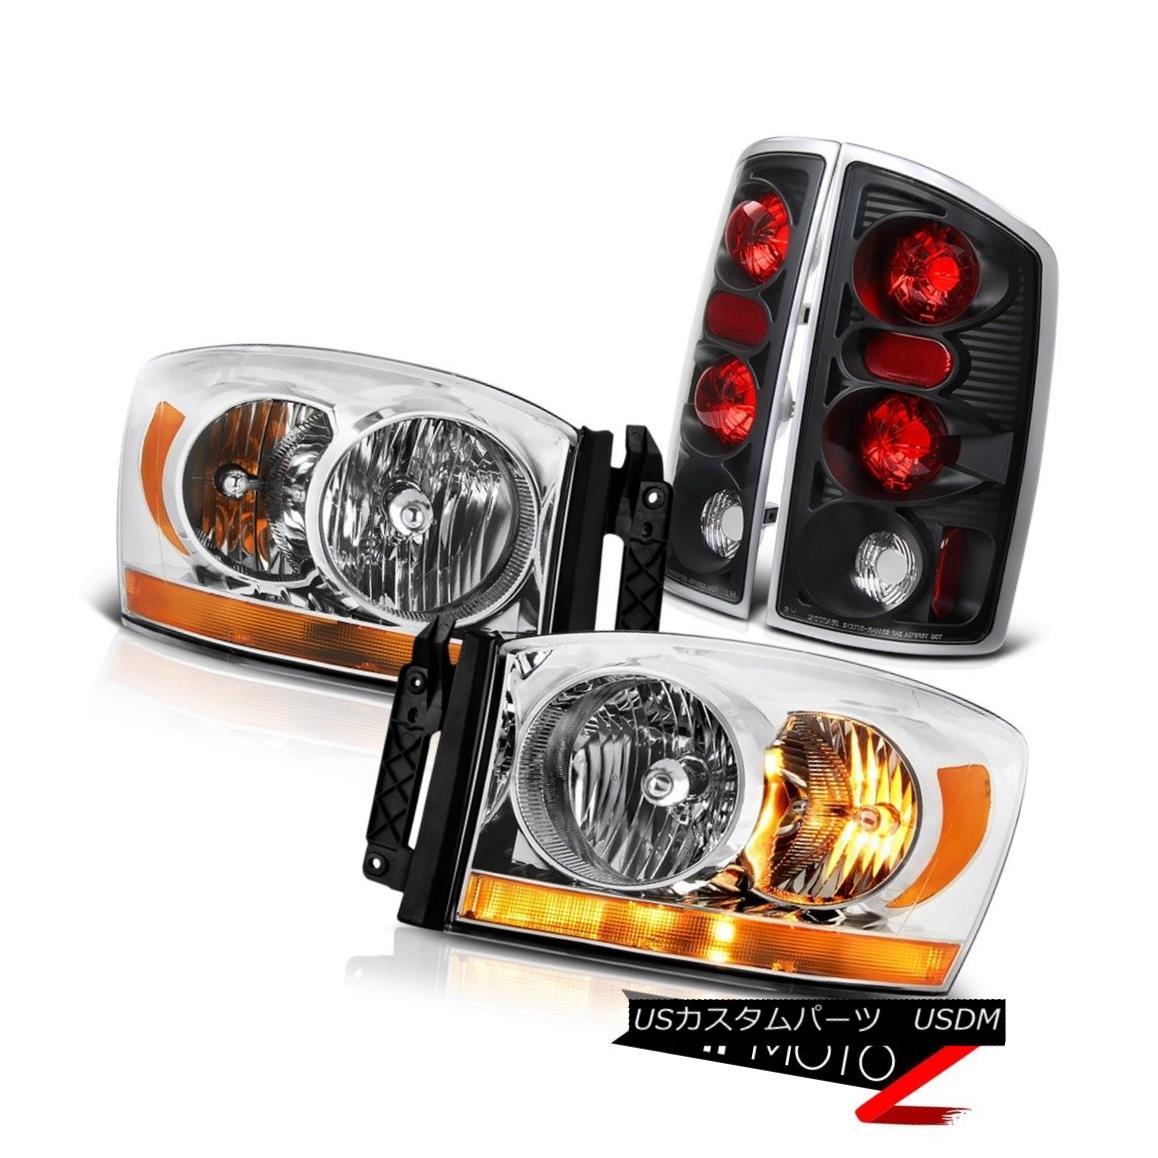 テールライト 2006 Ram 5.9L Clear Chrome Headlamps Raven Black Taillights Altezza Replacement 2006ラム5.9LクリアクロームヘッドランプレイブンブラックテイルライトAltezzaの交換